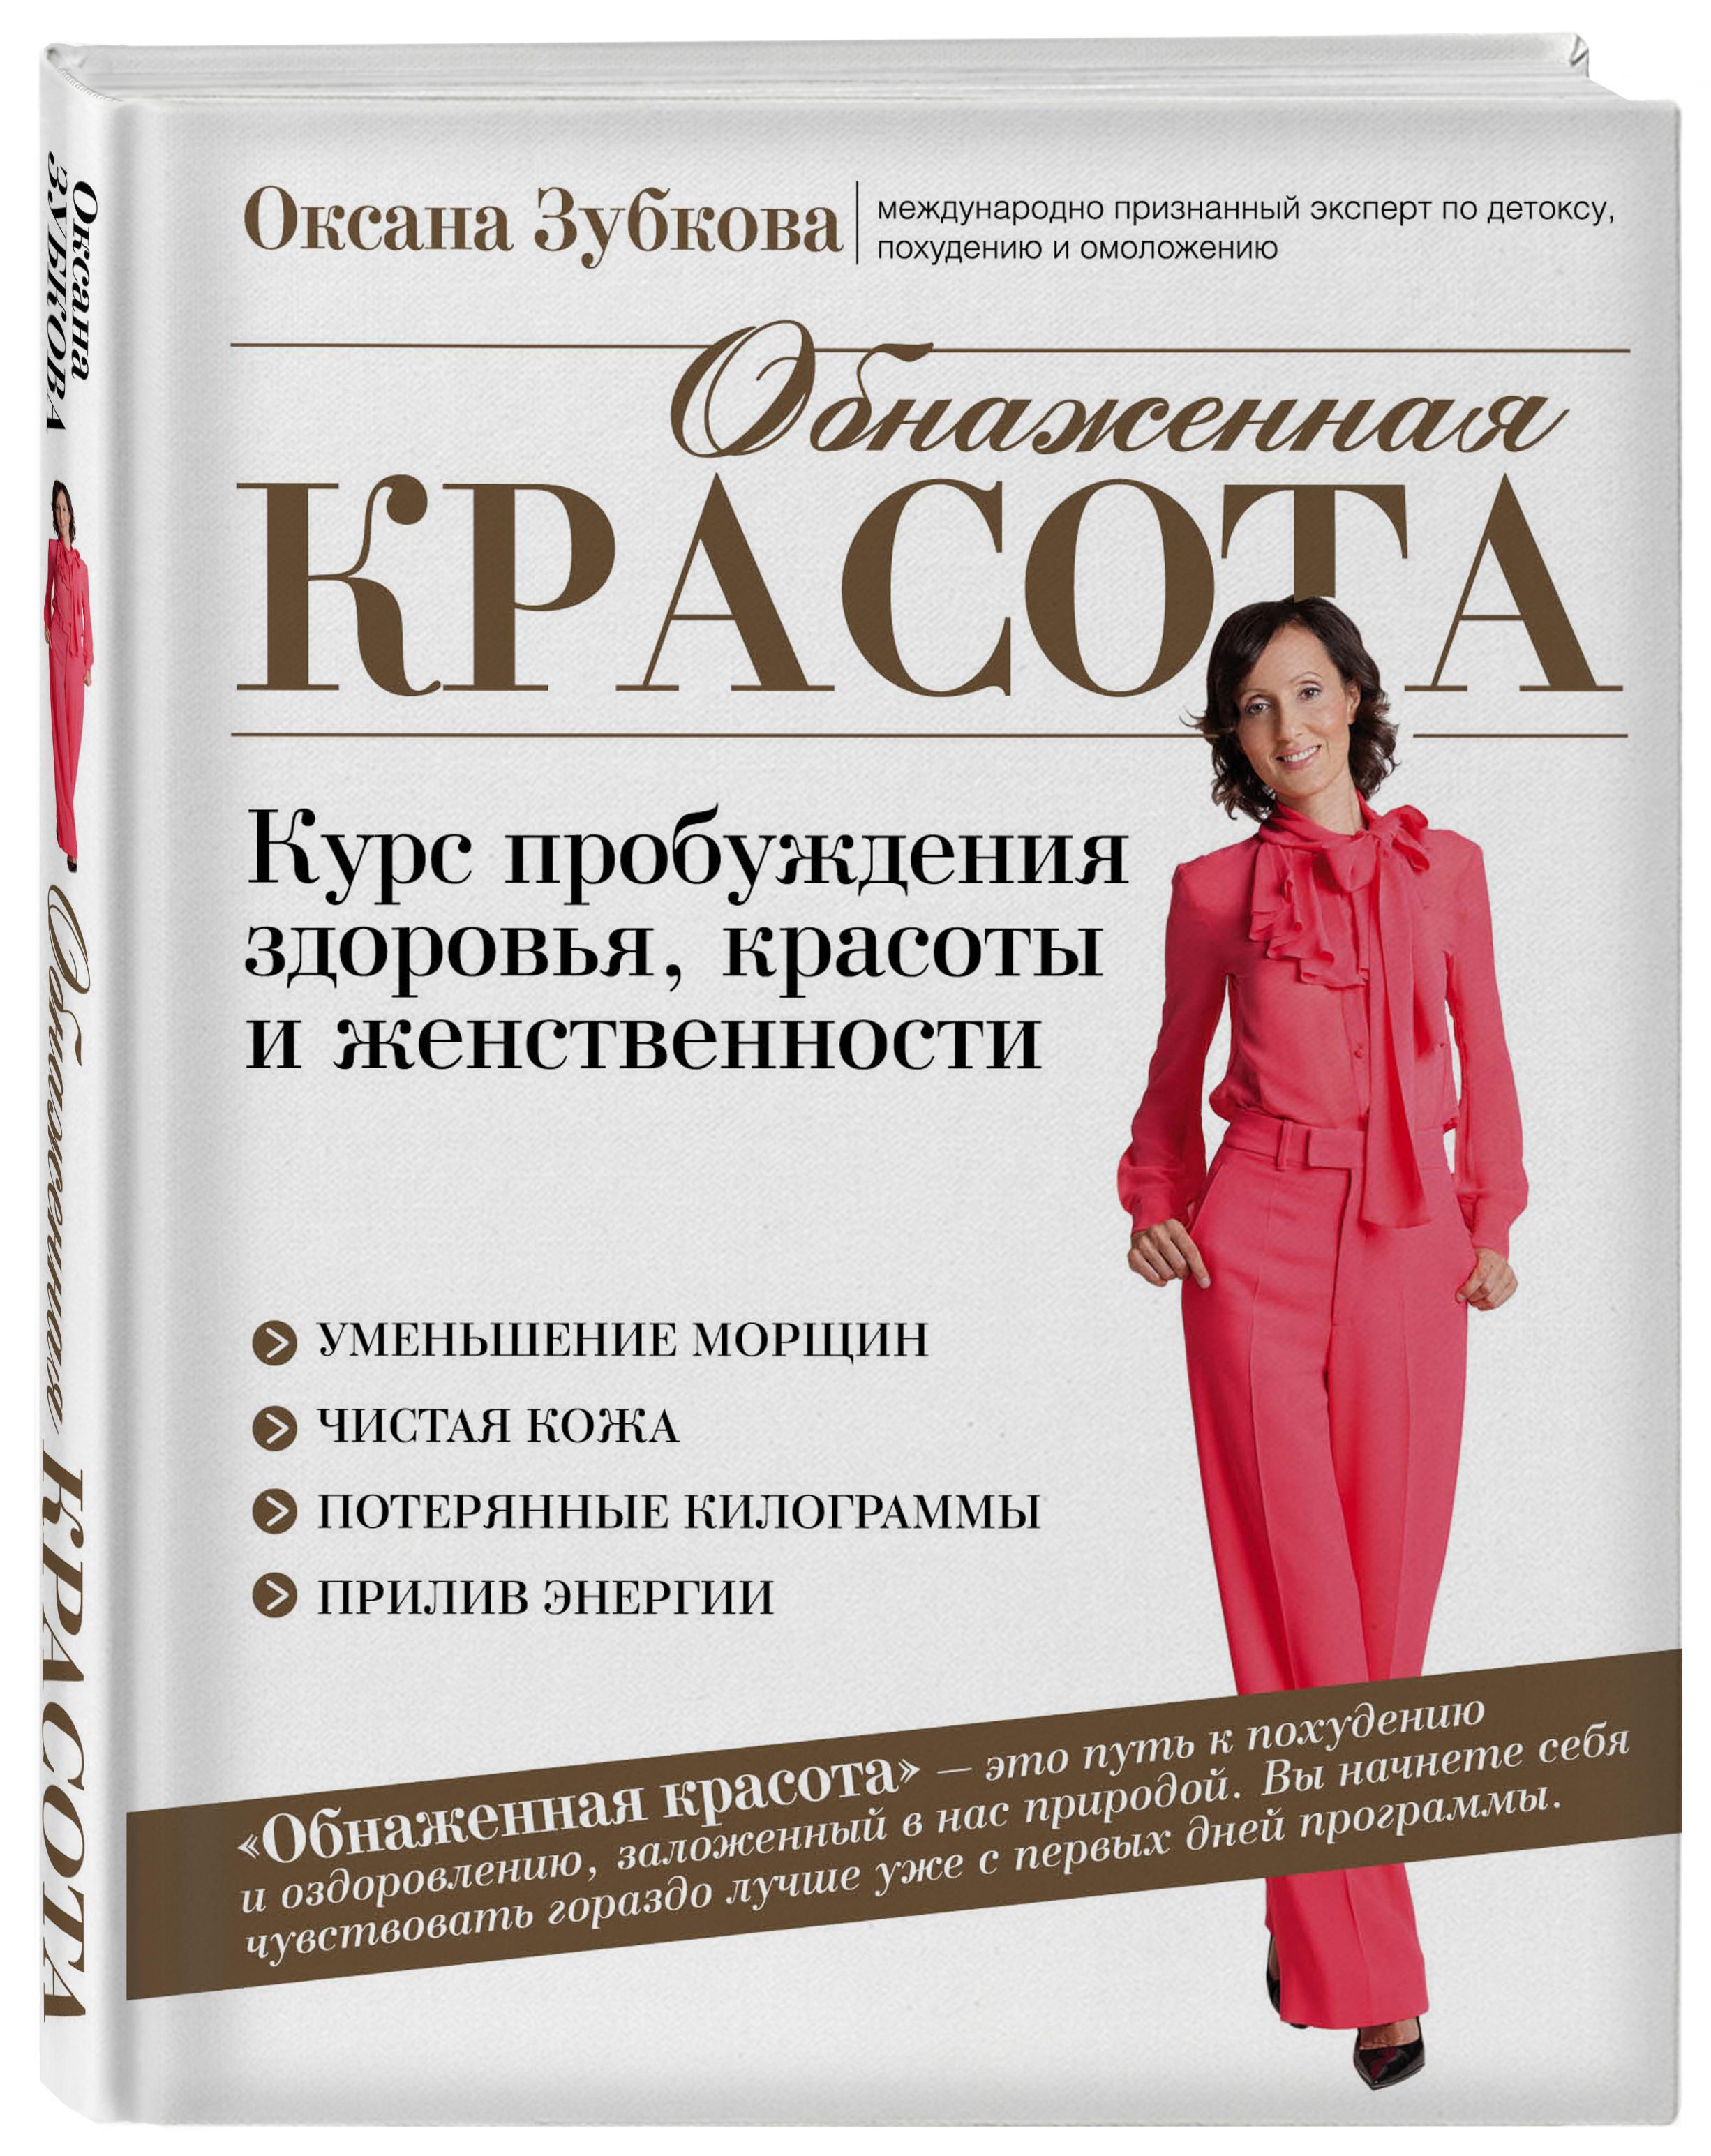 Оксана Зубкова Обнаженная красота. Курс пробуждения здоровья, красоты и женственности цены онлайн